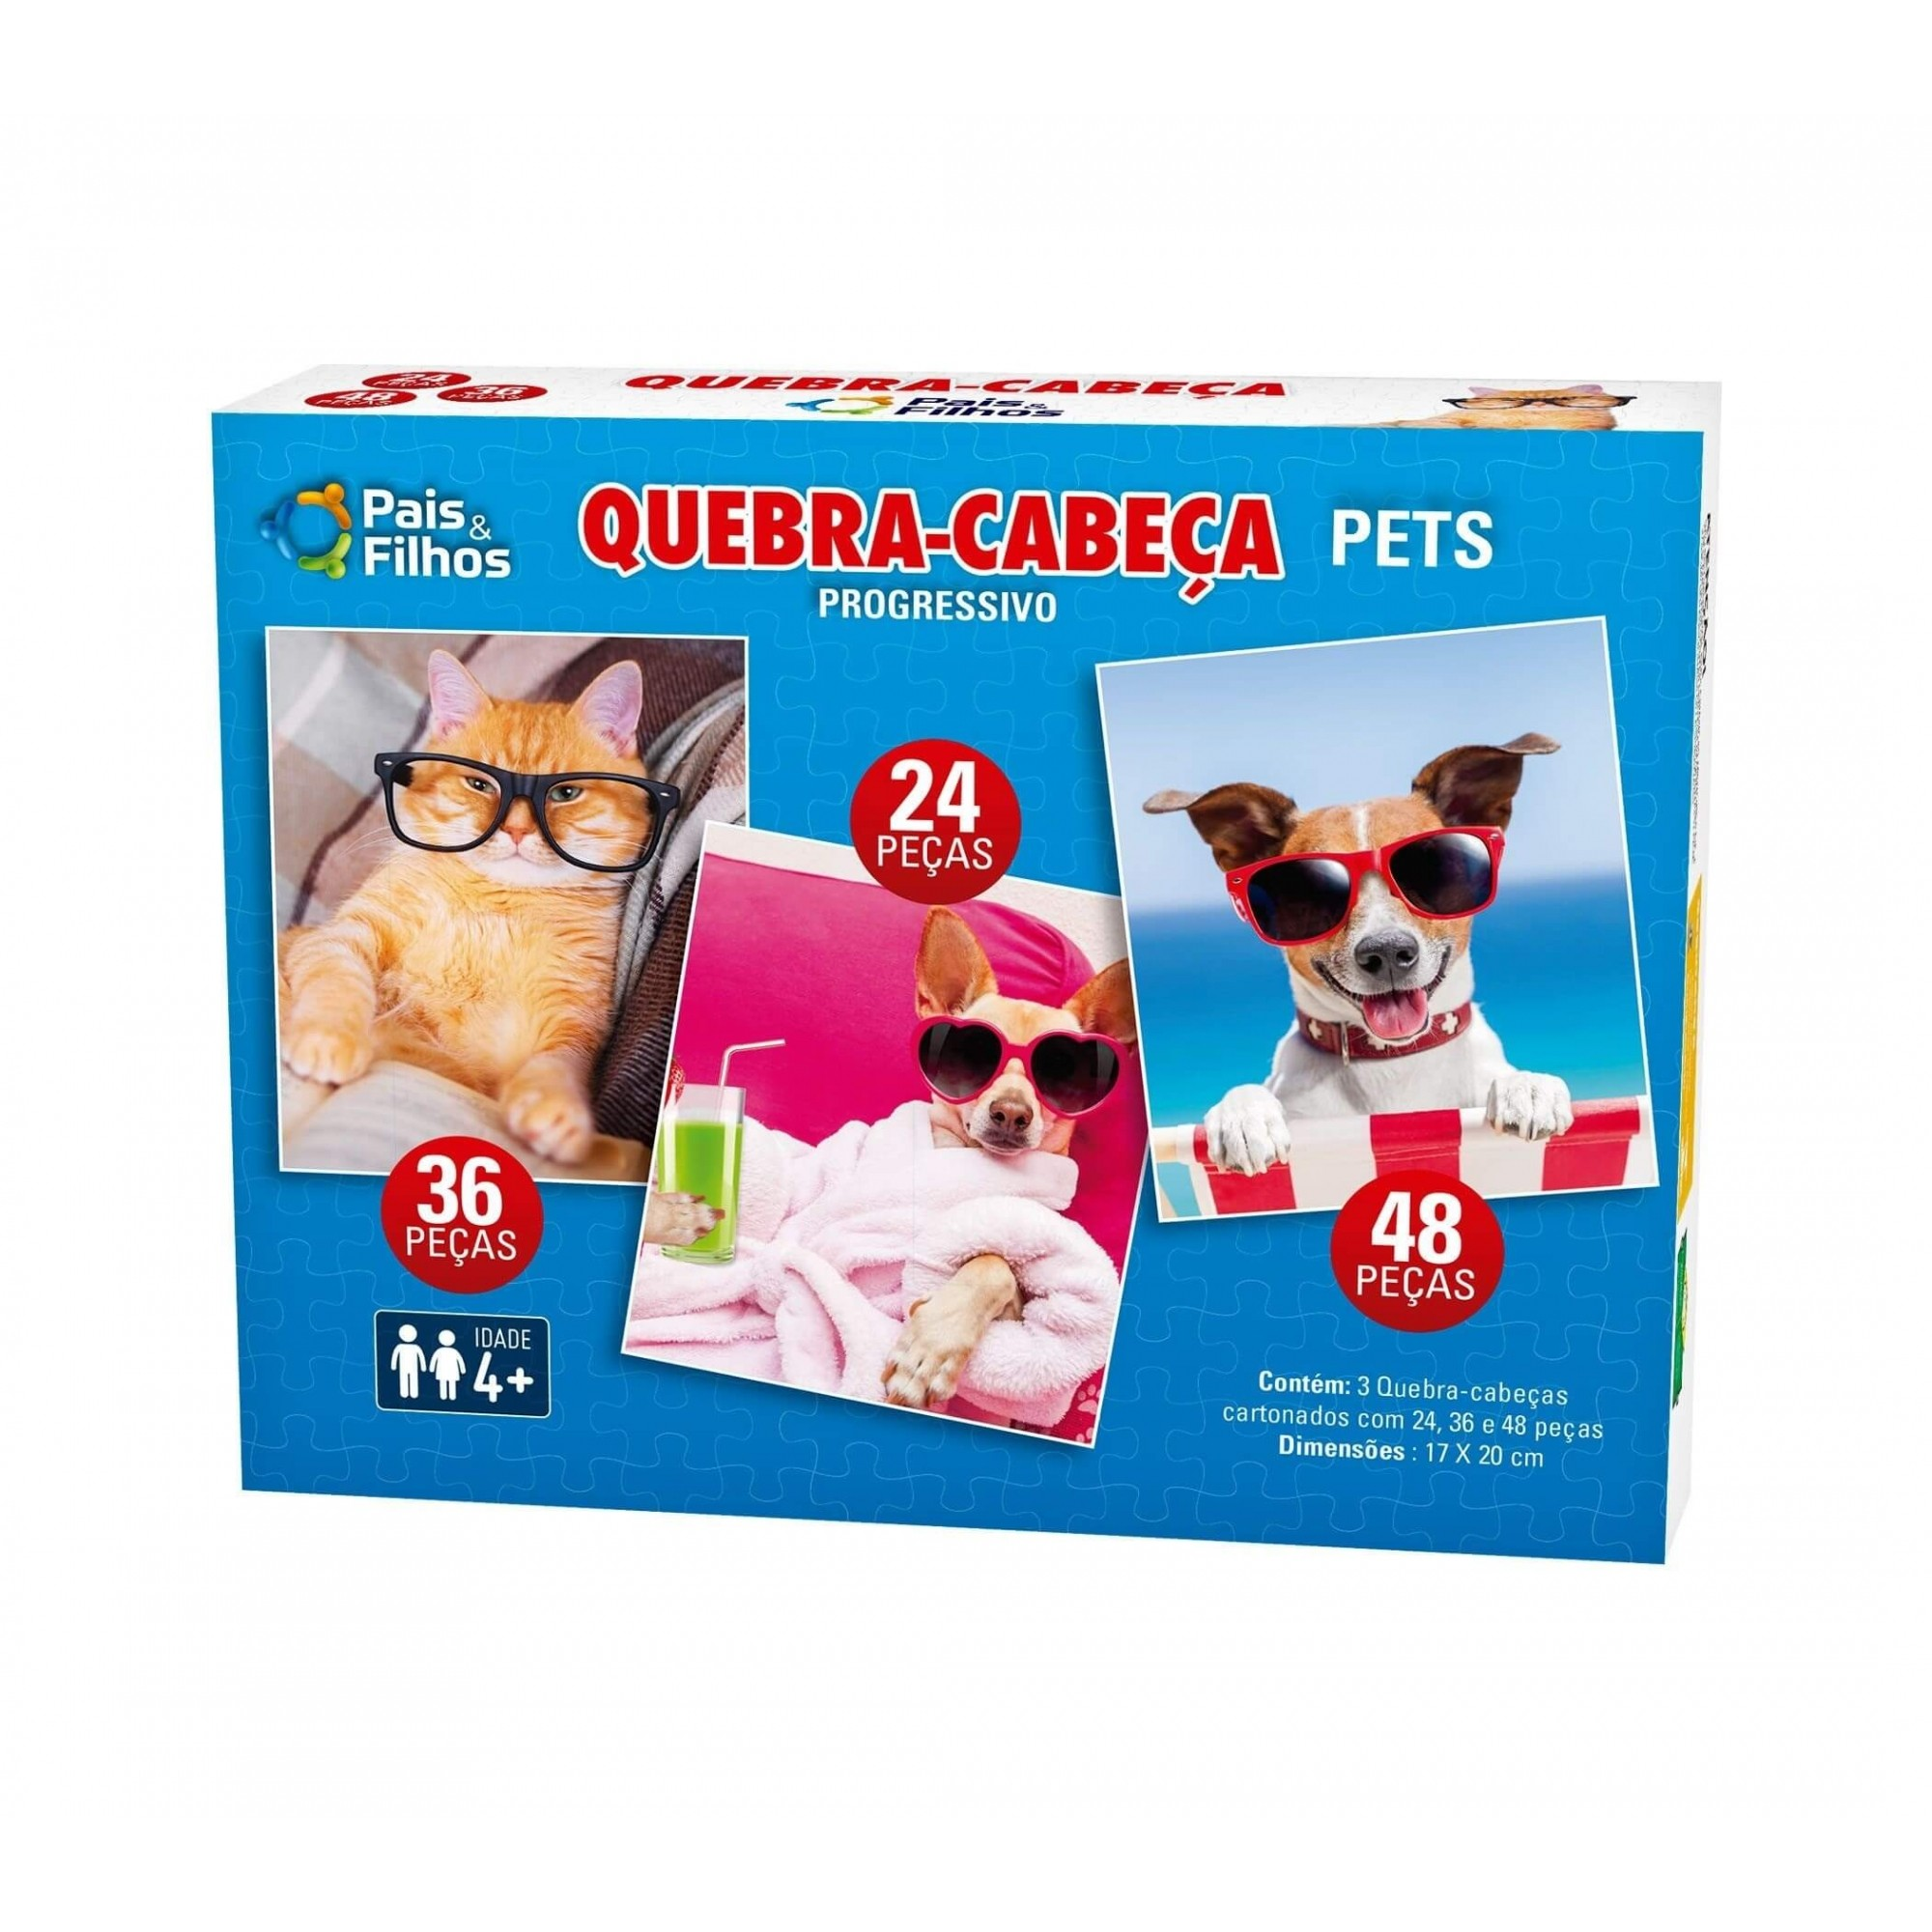 Quebra-Cabeça Progressivo - Pets - 24, 36 e 48 Peças - Pais e Filhos